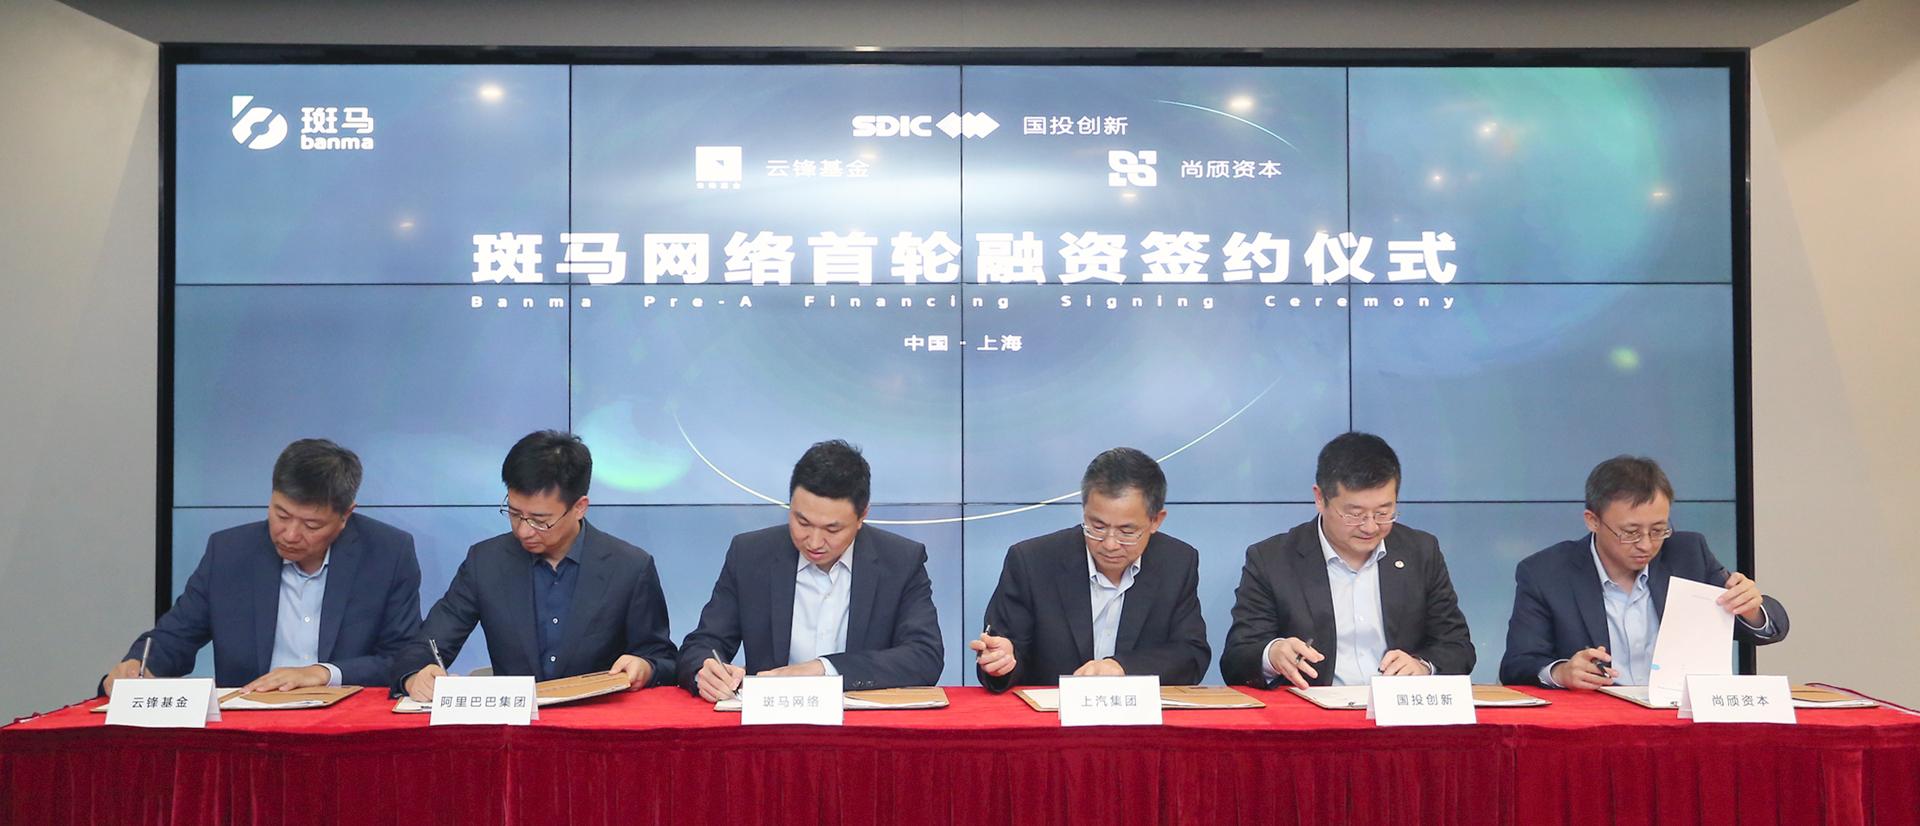 易读斑马网络宣布完成首轮超16亿融资